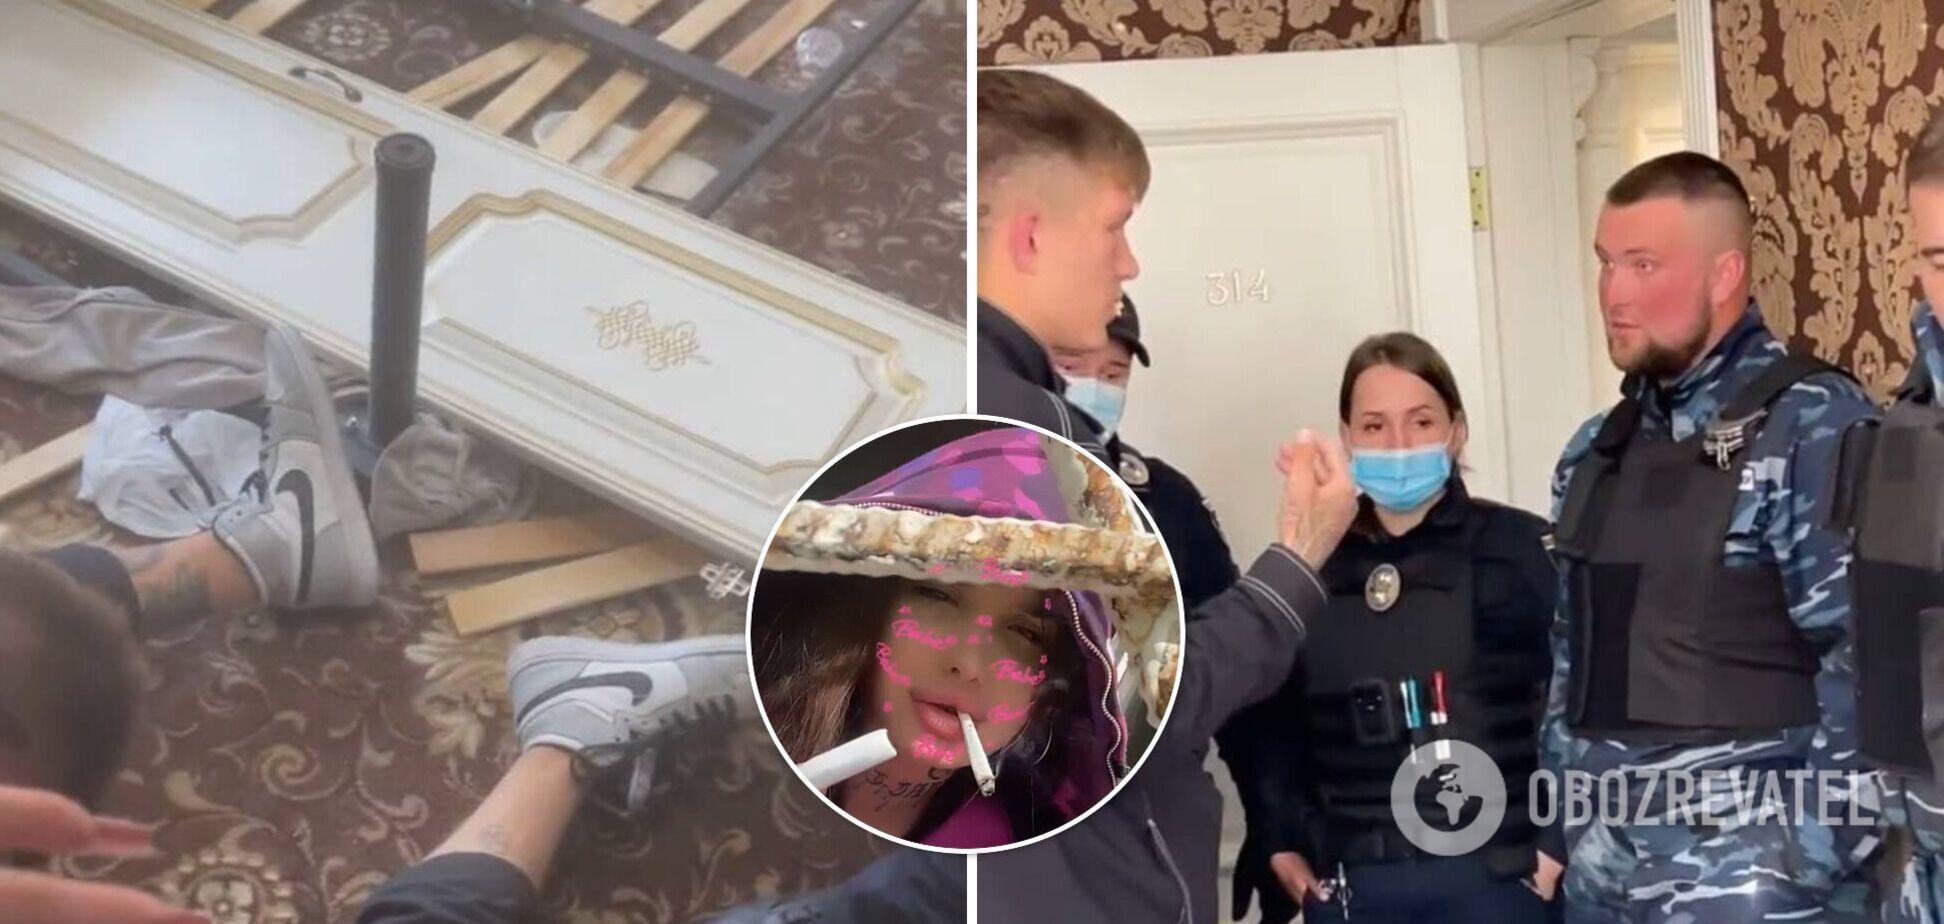 У Києві блогерка разом із друзями розгромила номер у готелі: що відомо про скандал